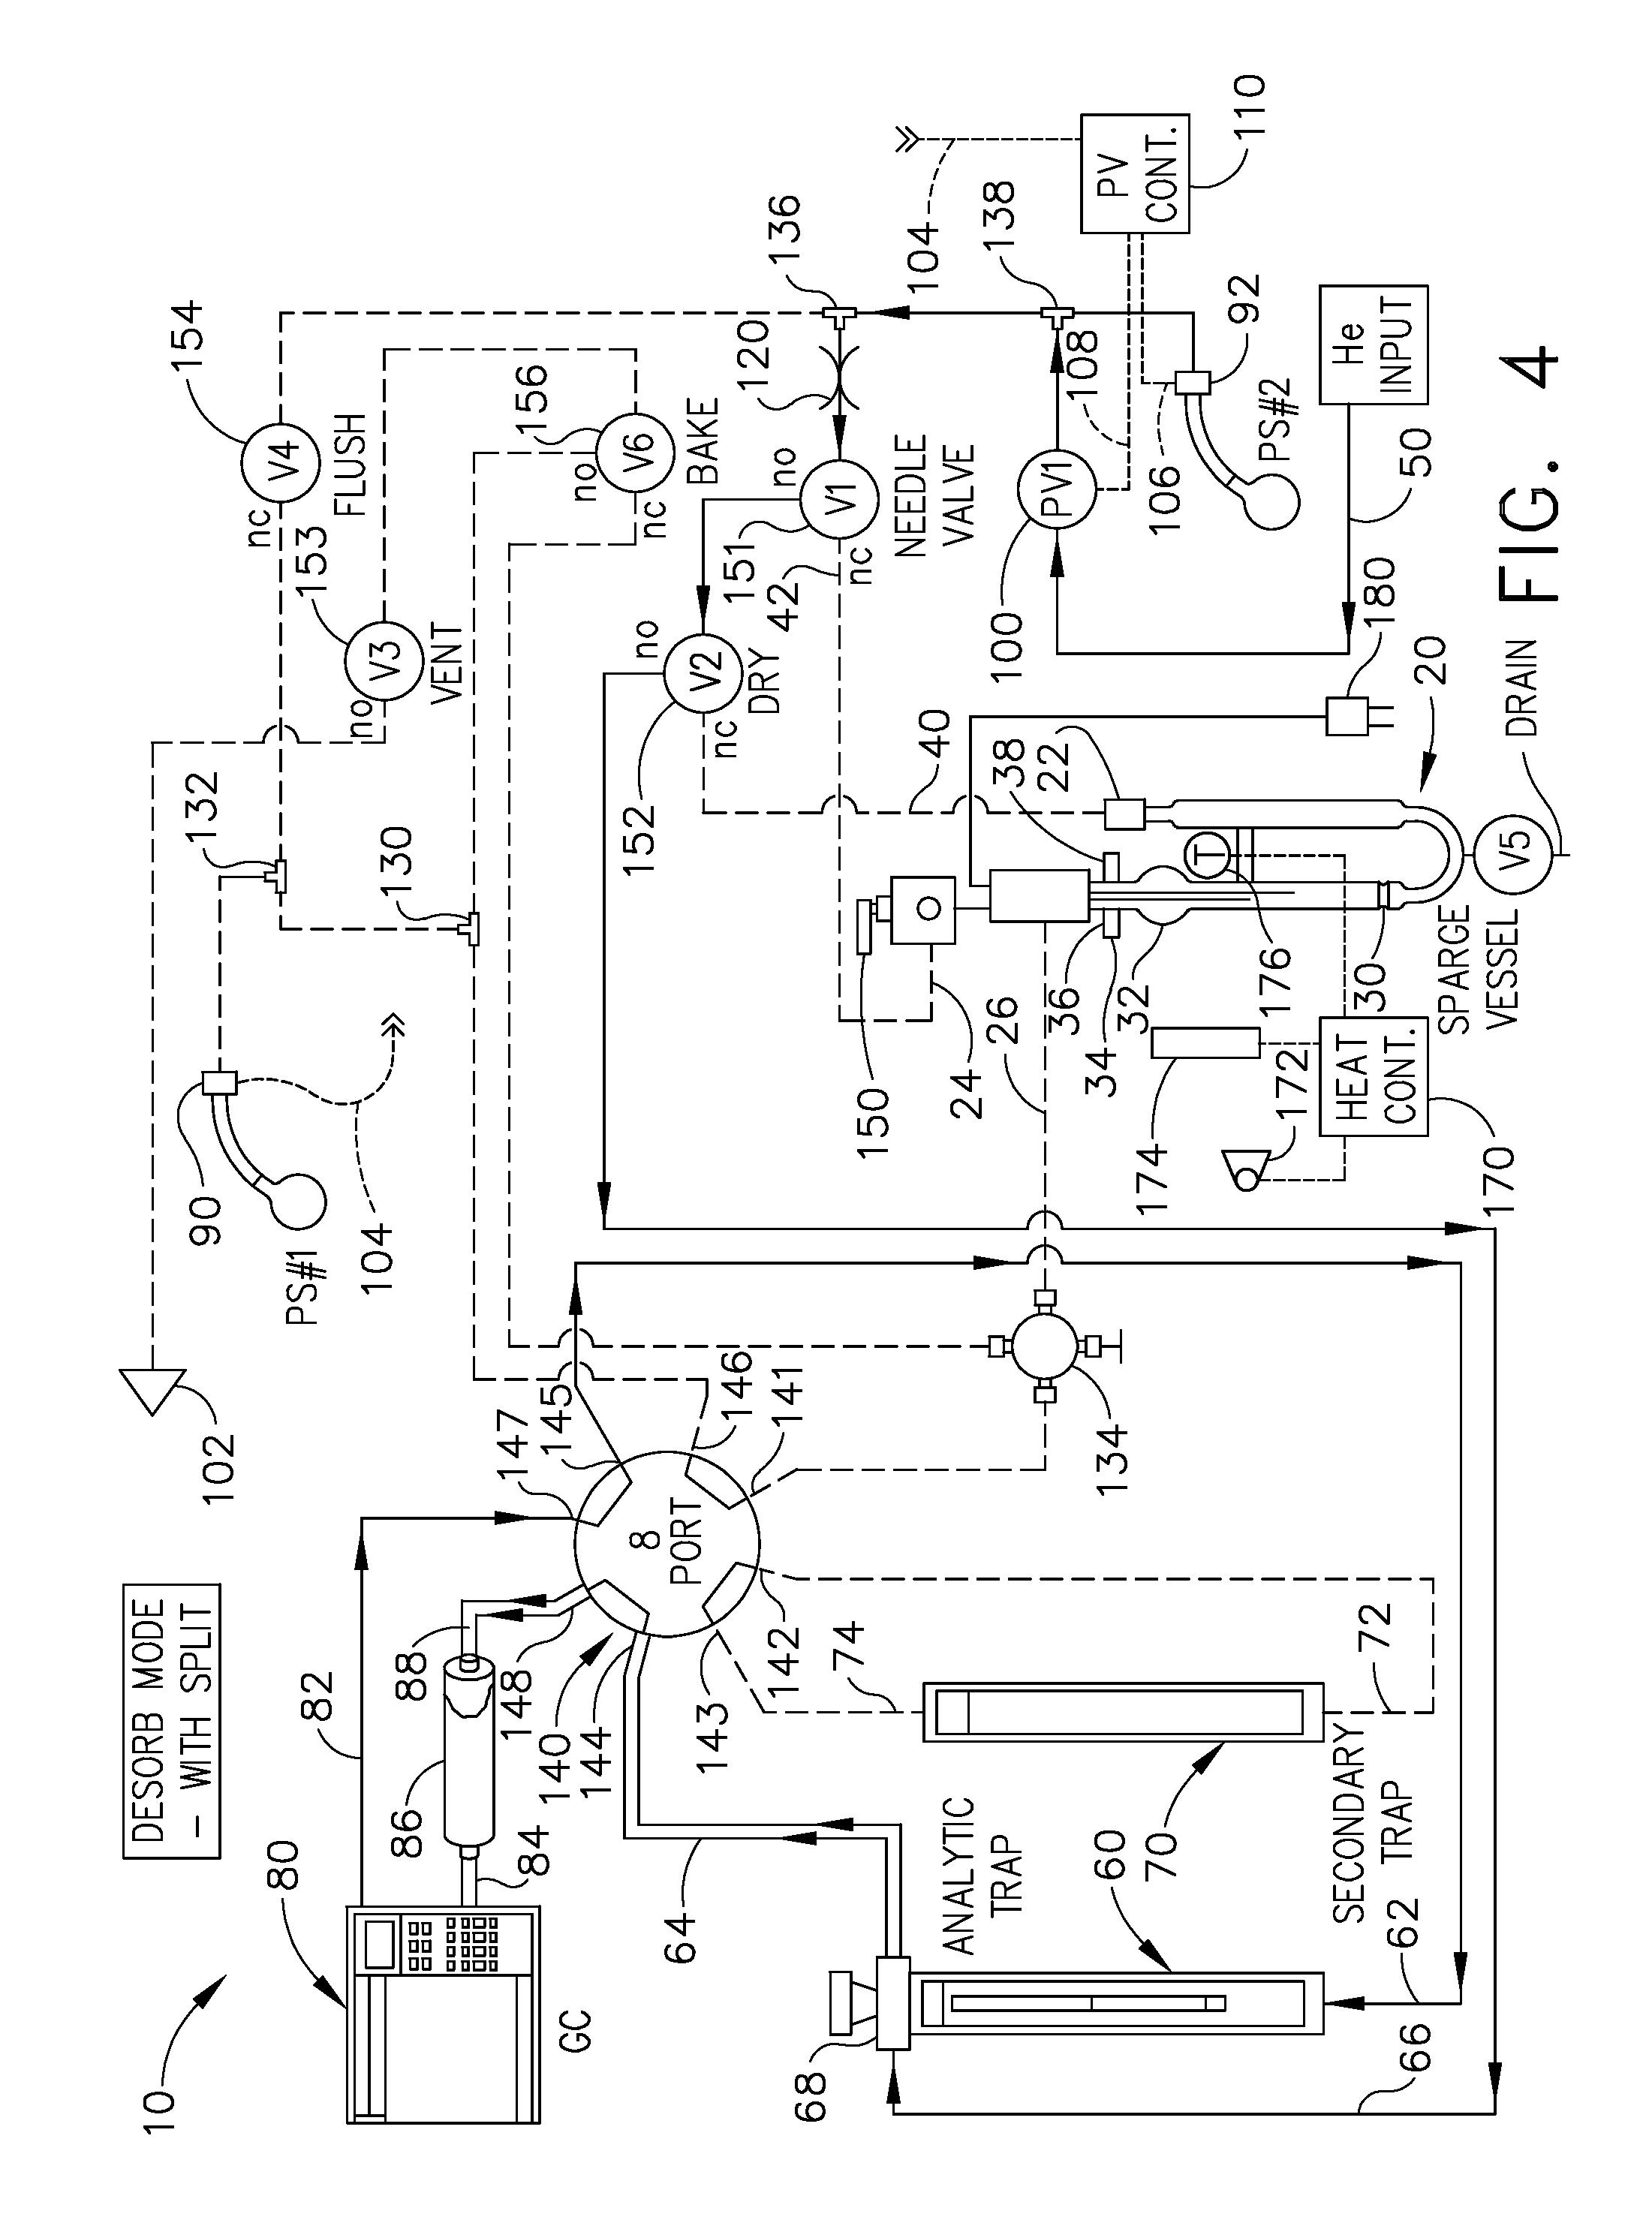 patent us8075842